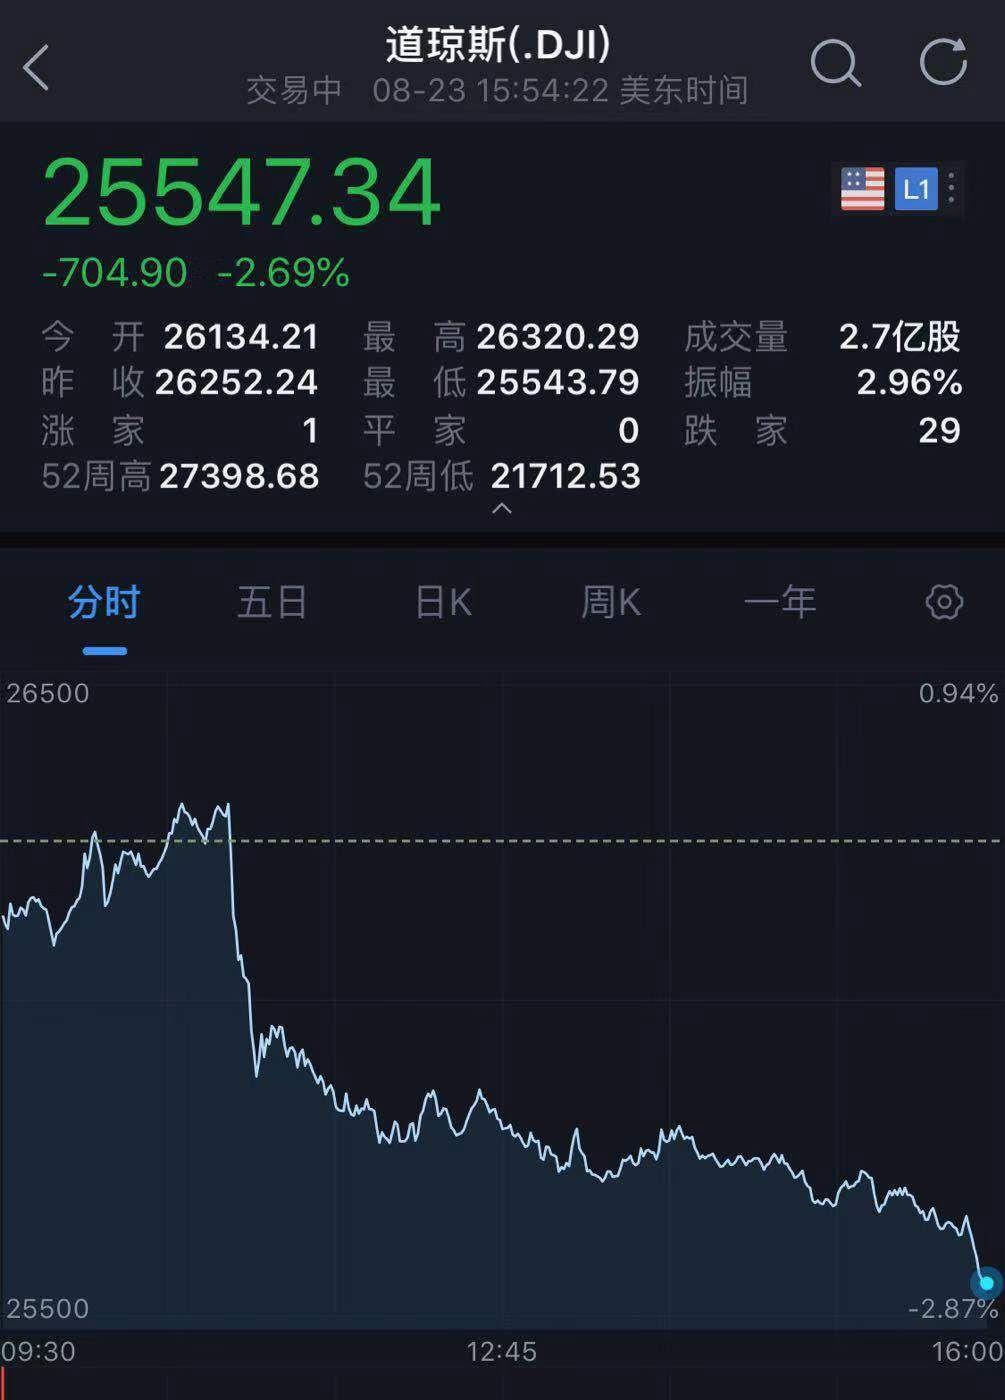 中国出手反制美股闪崩700点!特朗普怒怼美联储,恐慌指数飙涨_鲍威尔